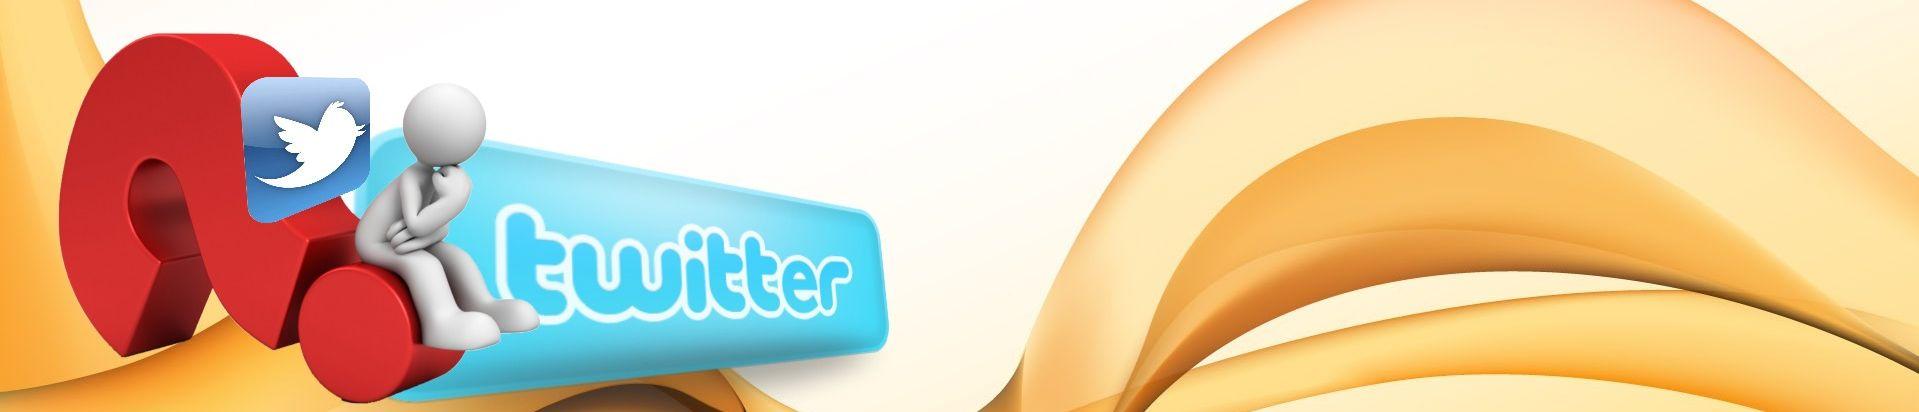 Твиттер раскрутка